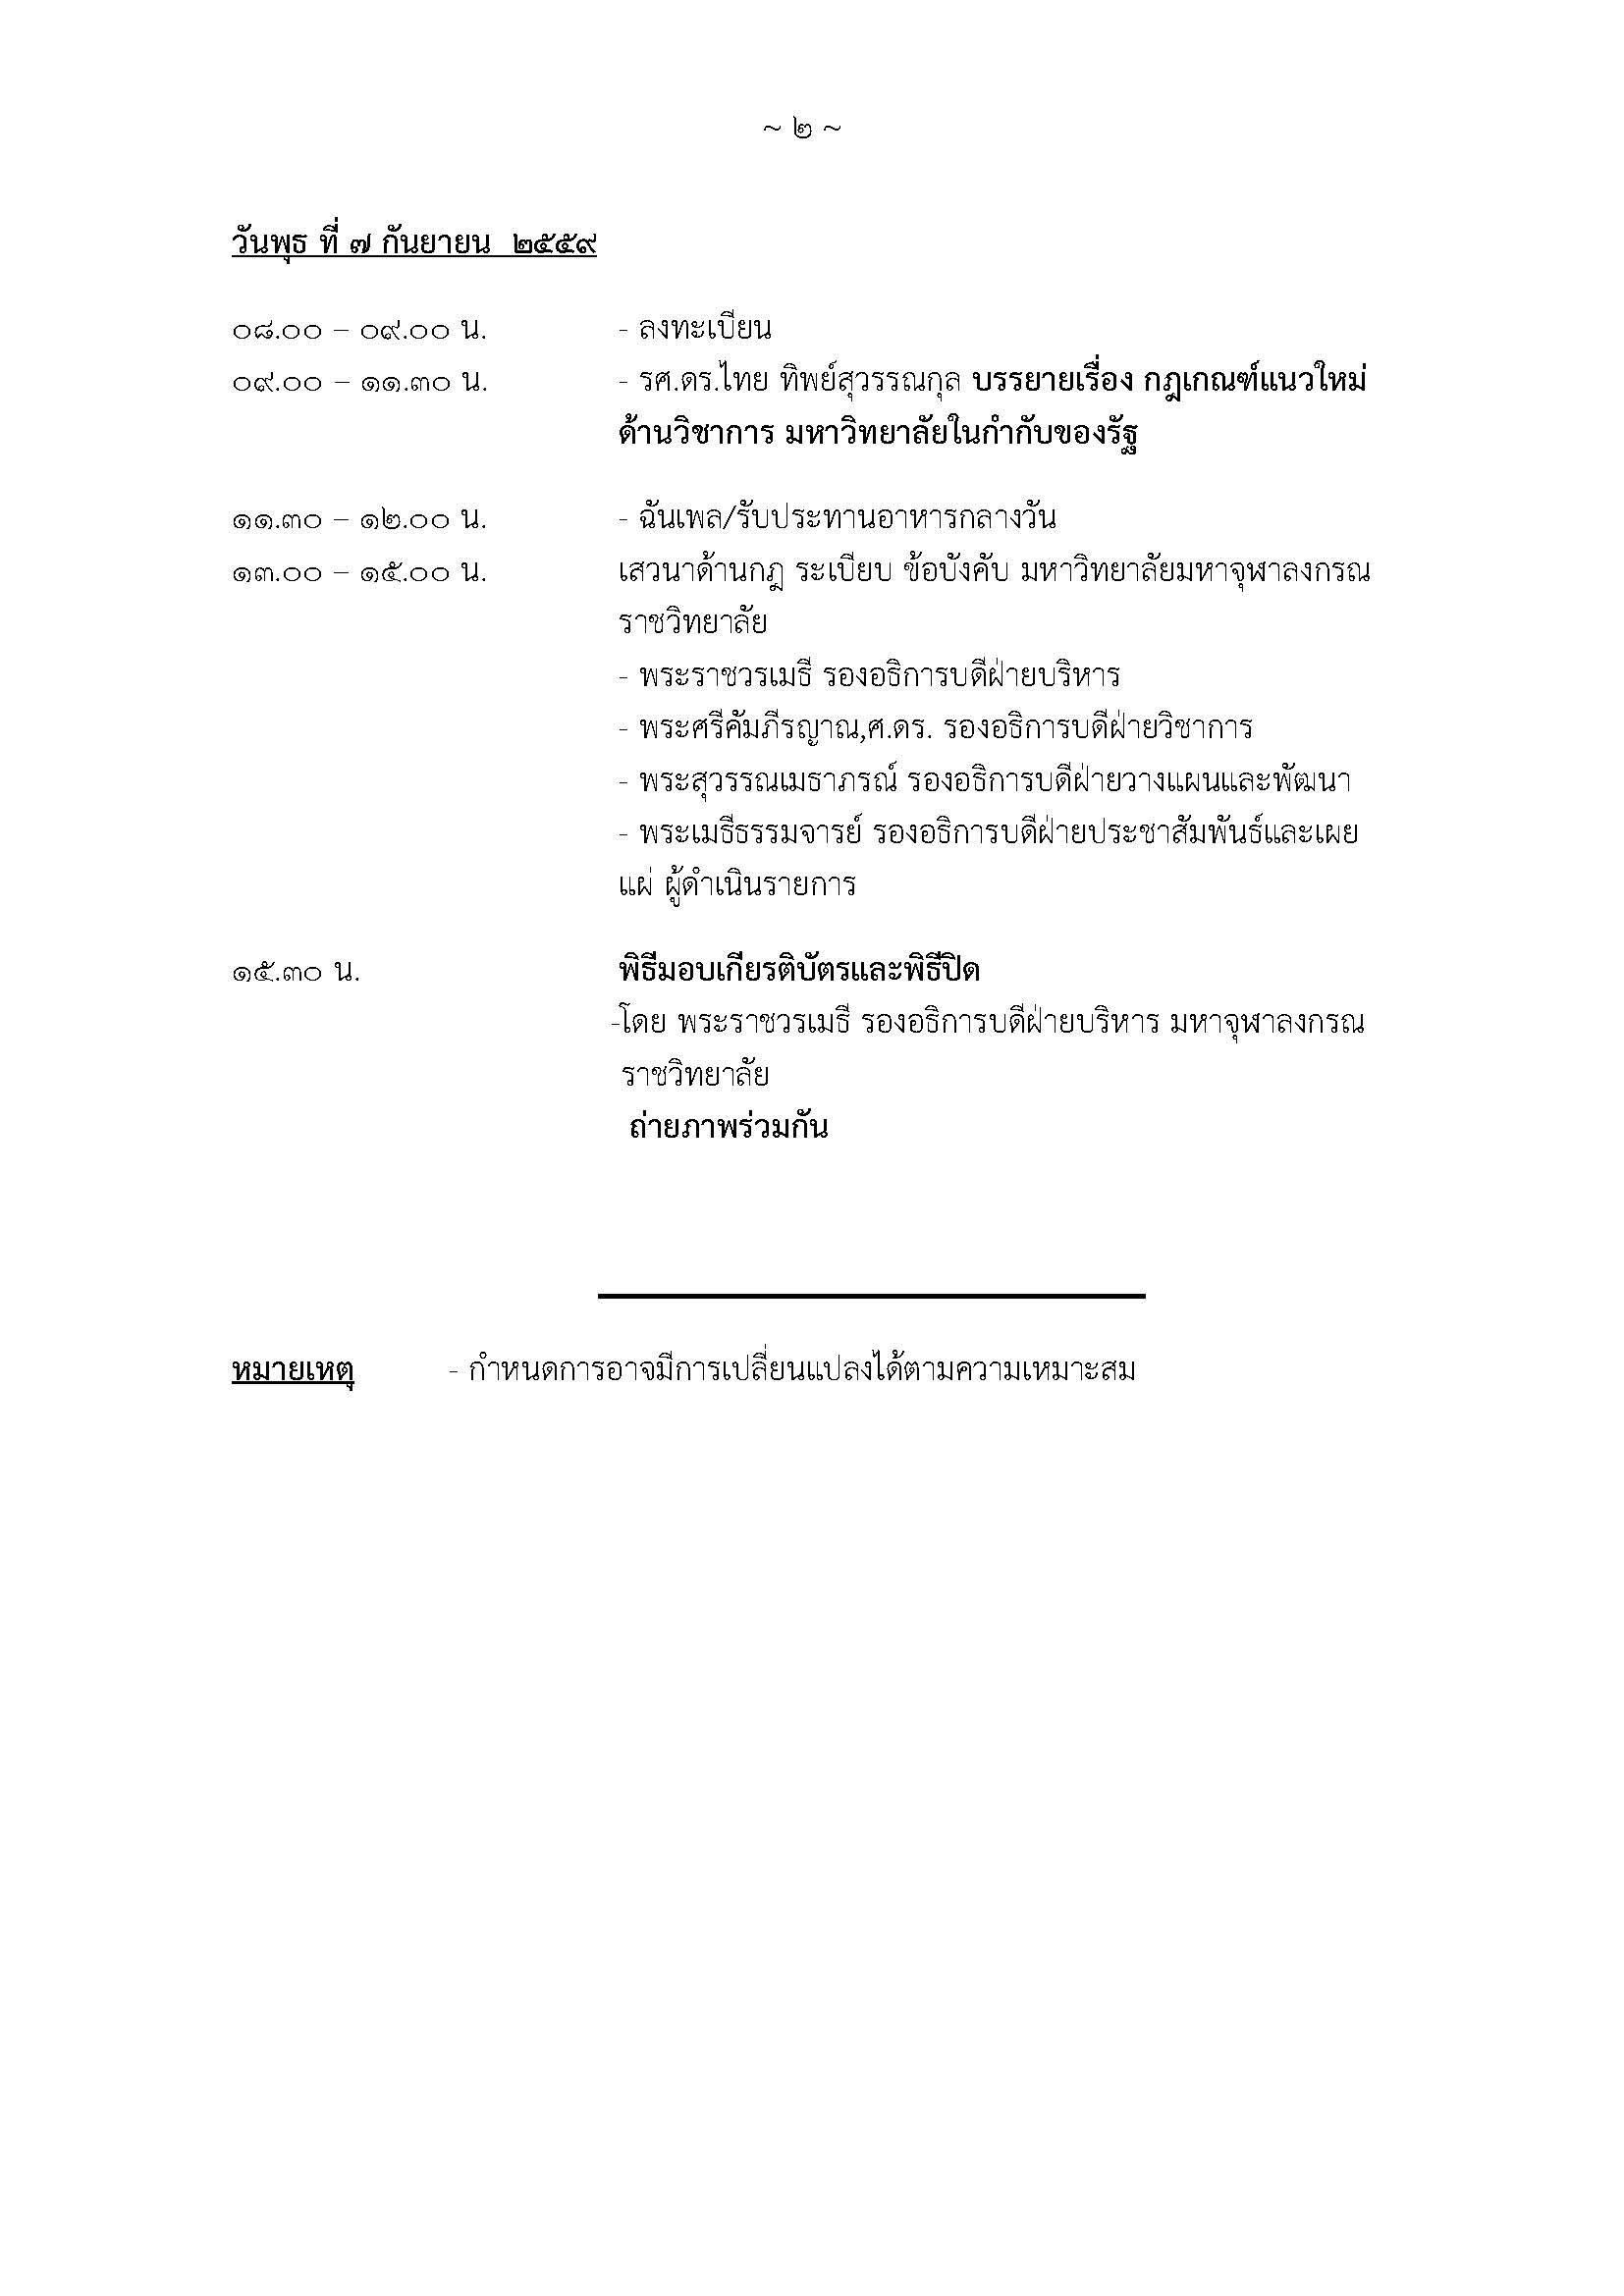 2-กำหนดการ..-1_Page_2